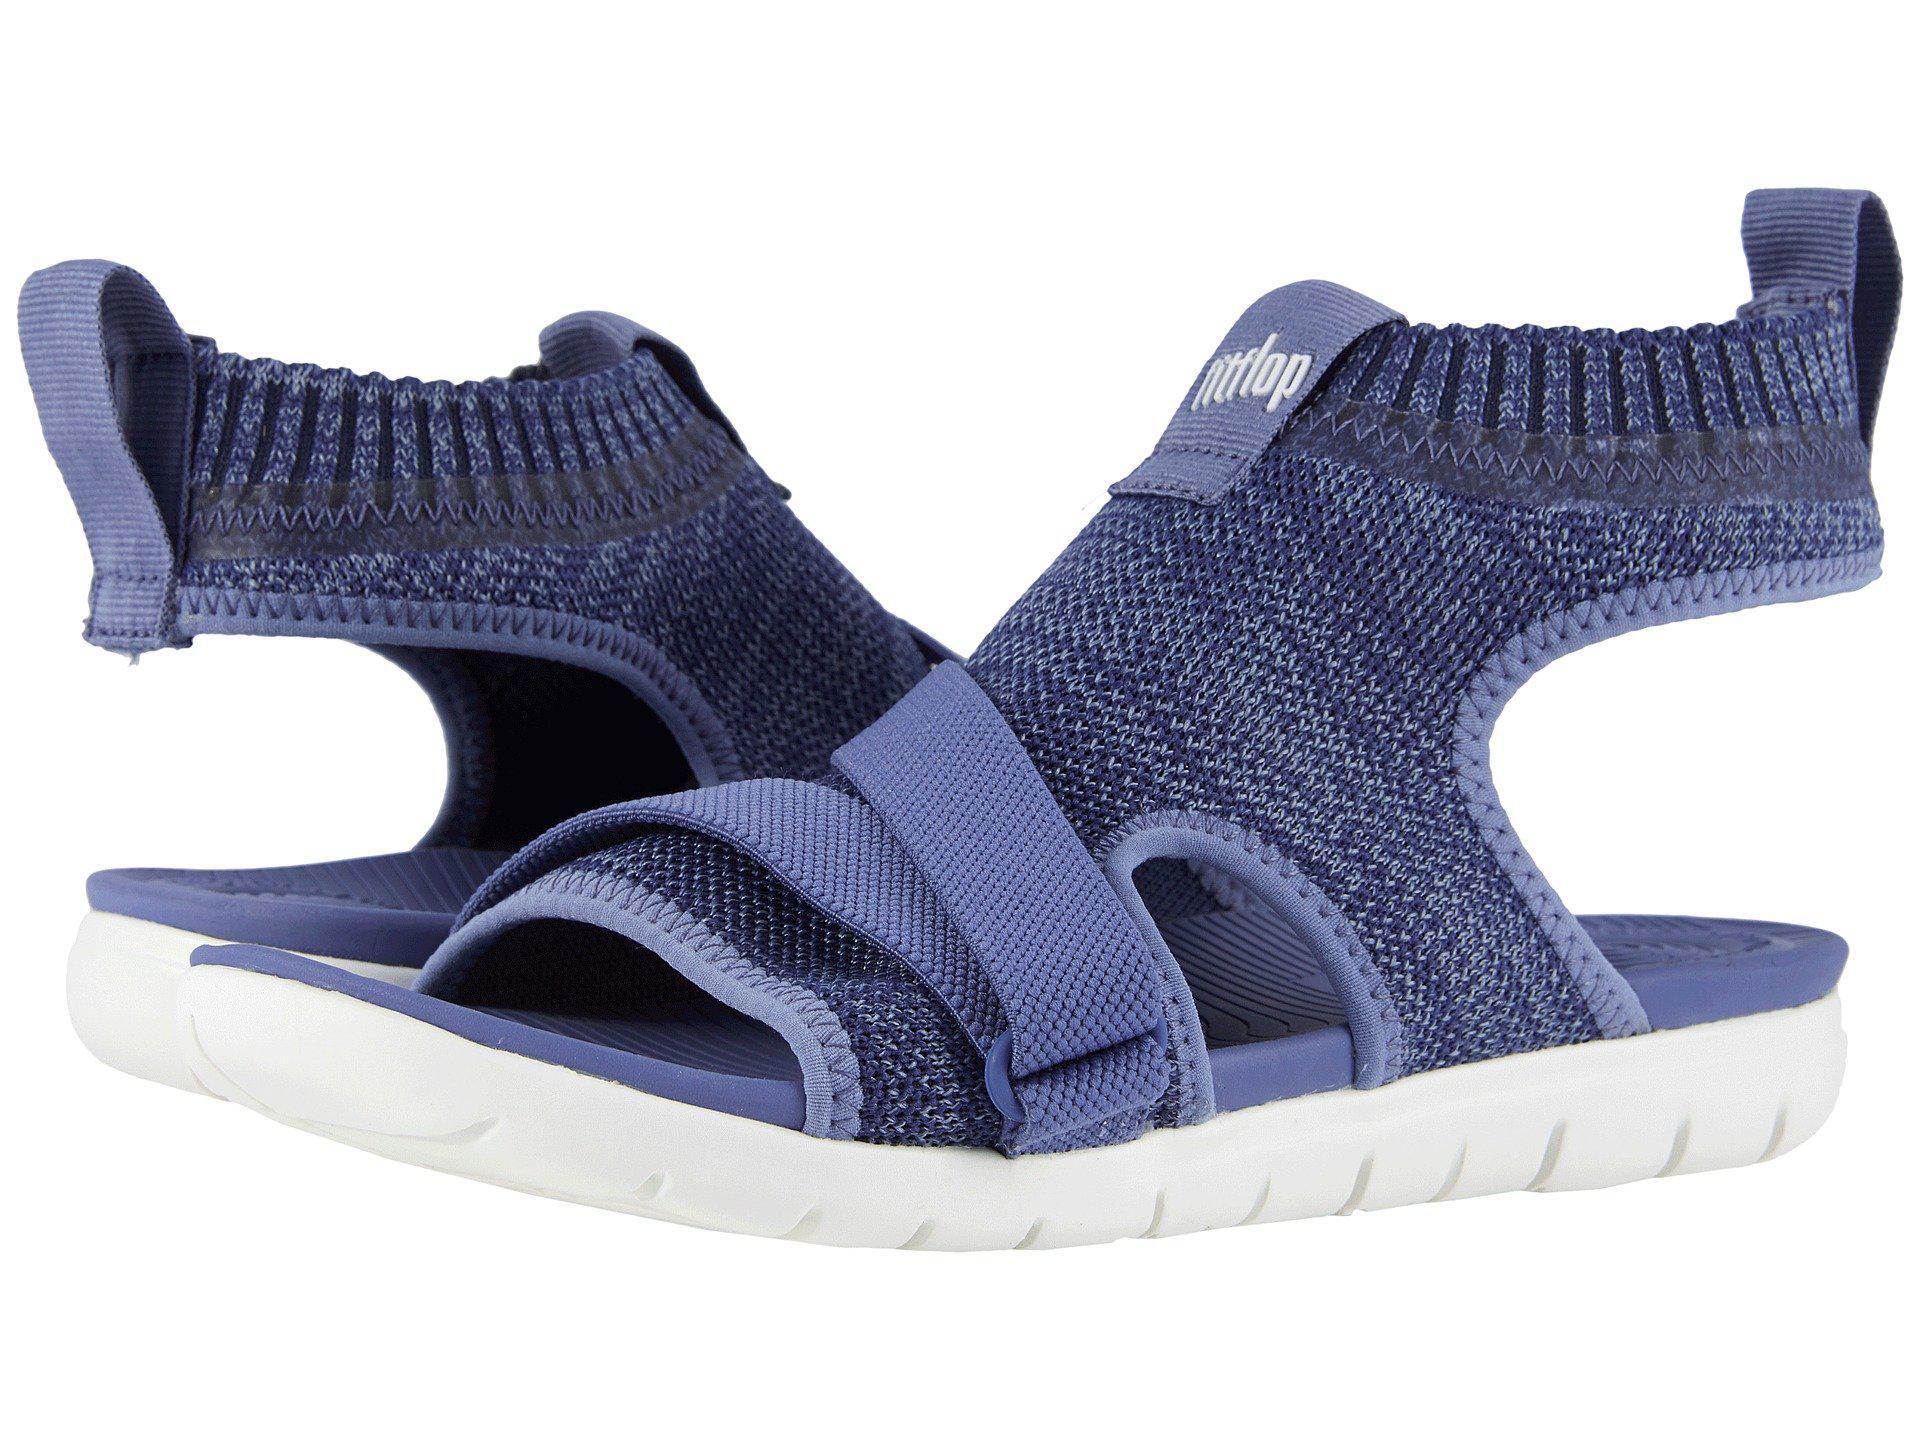 98af35daed8909 Lyst - Fitflop Uberknit Back Strap Sandals in Blue - Save 32%